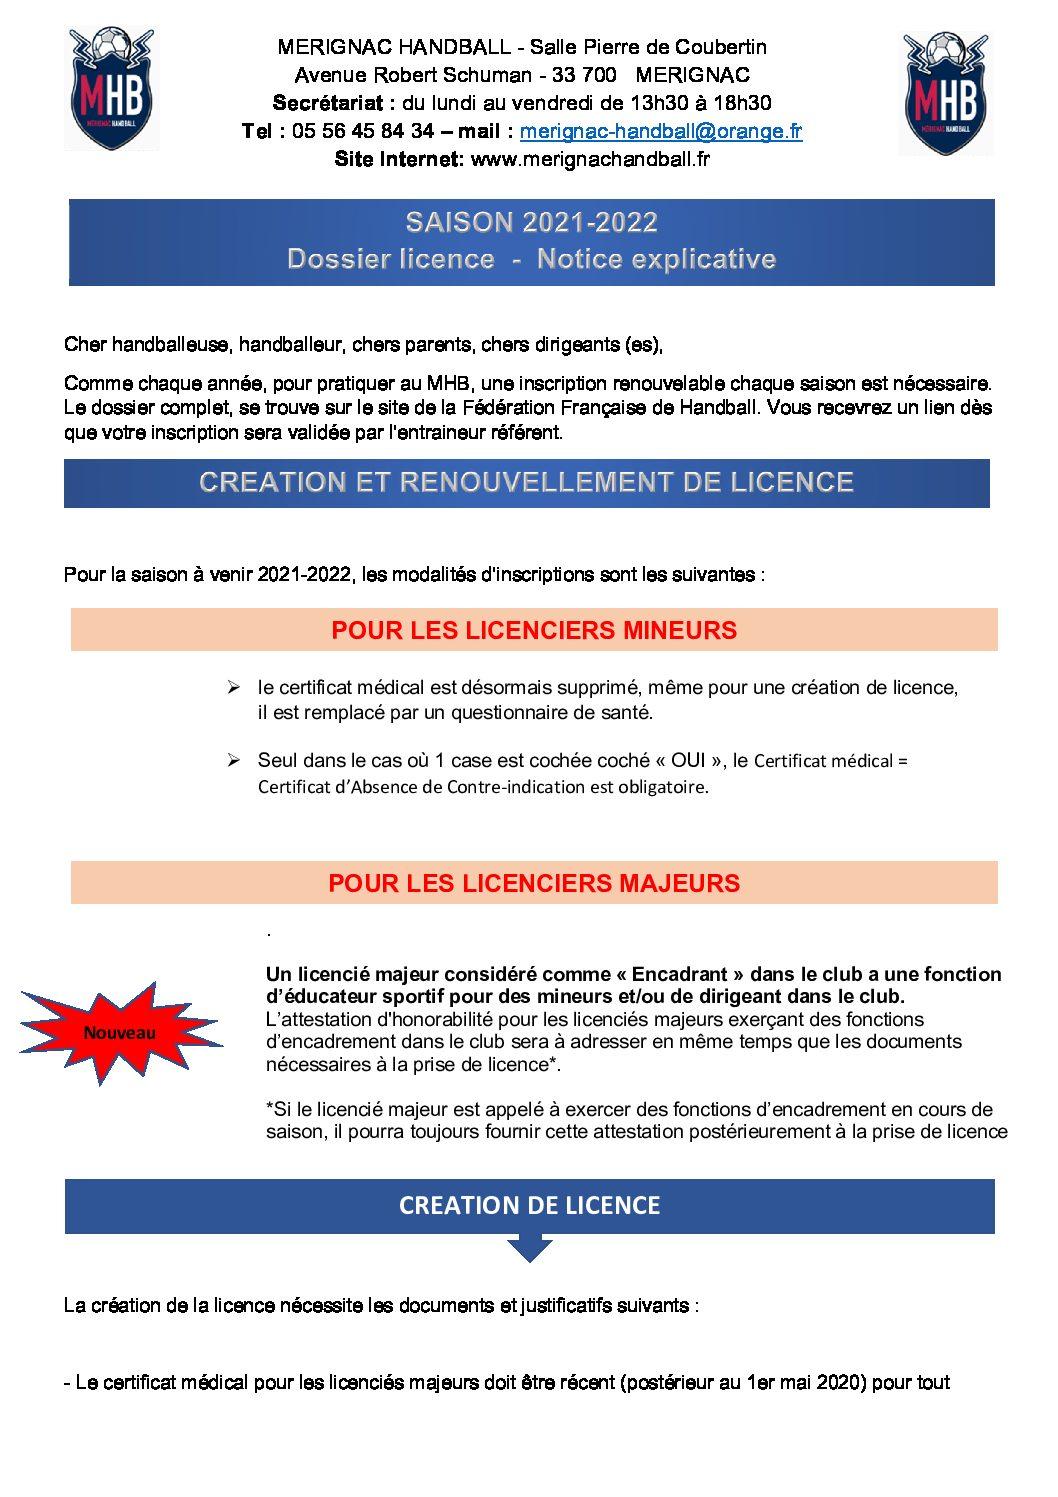 Dossier licence 2021/2022 - Notice explicative